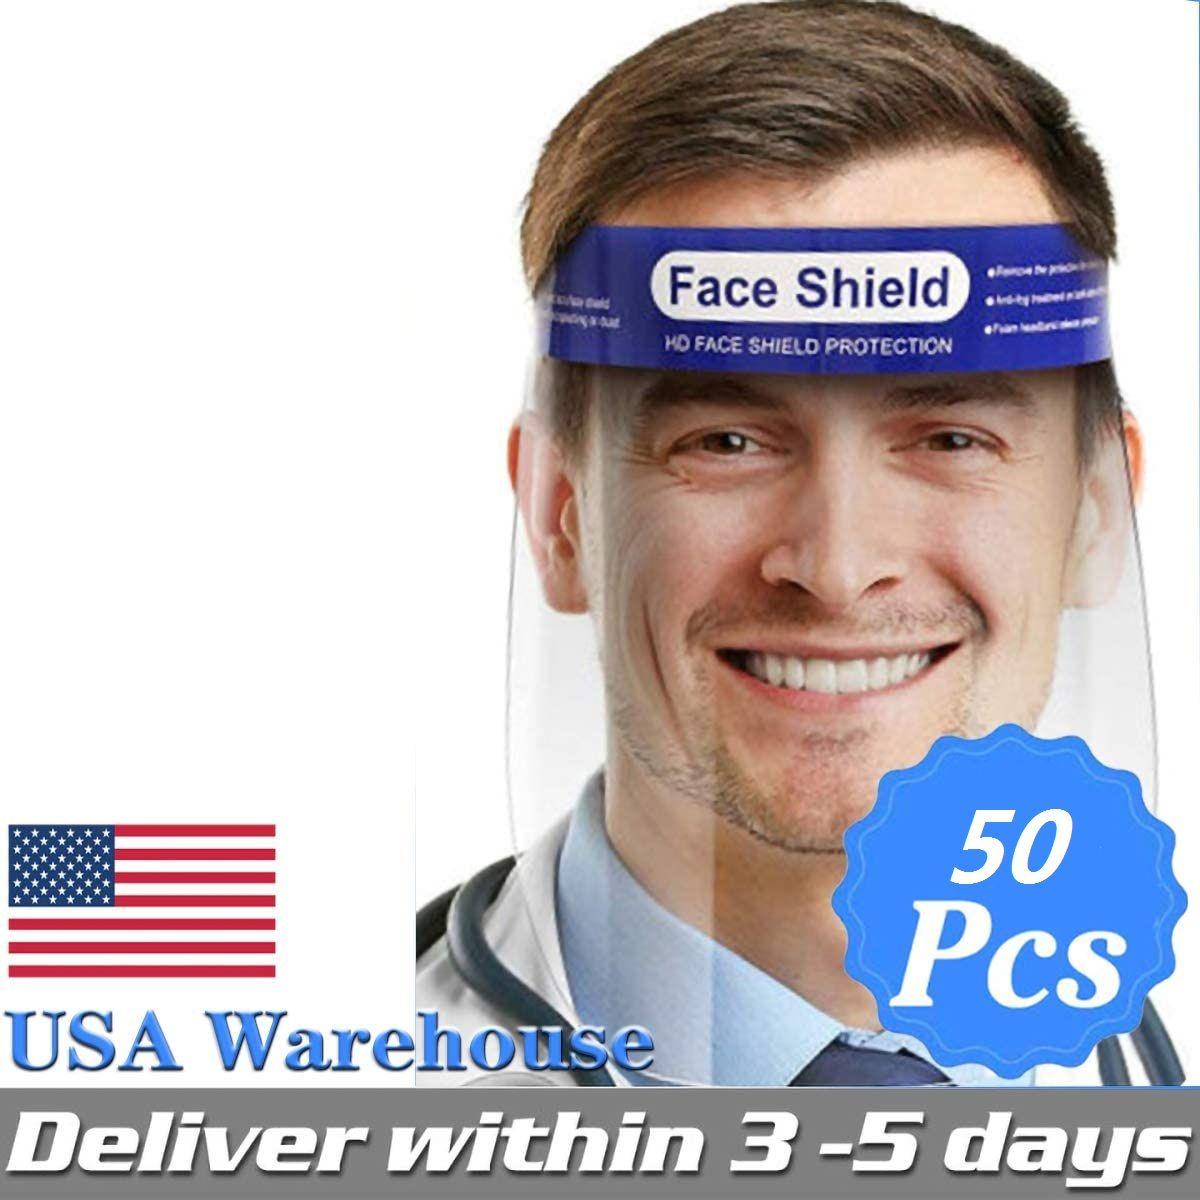 الولايات المتحدة STOCK الوجه قناع درع المضادة للضباب عزل الكامل واقية للوجه دروع 99٪ HD شفاف PET المضادة سبلاش الغبار وجهه غطاء